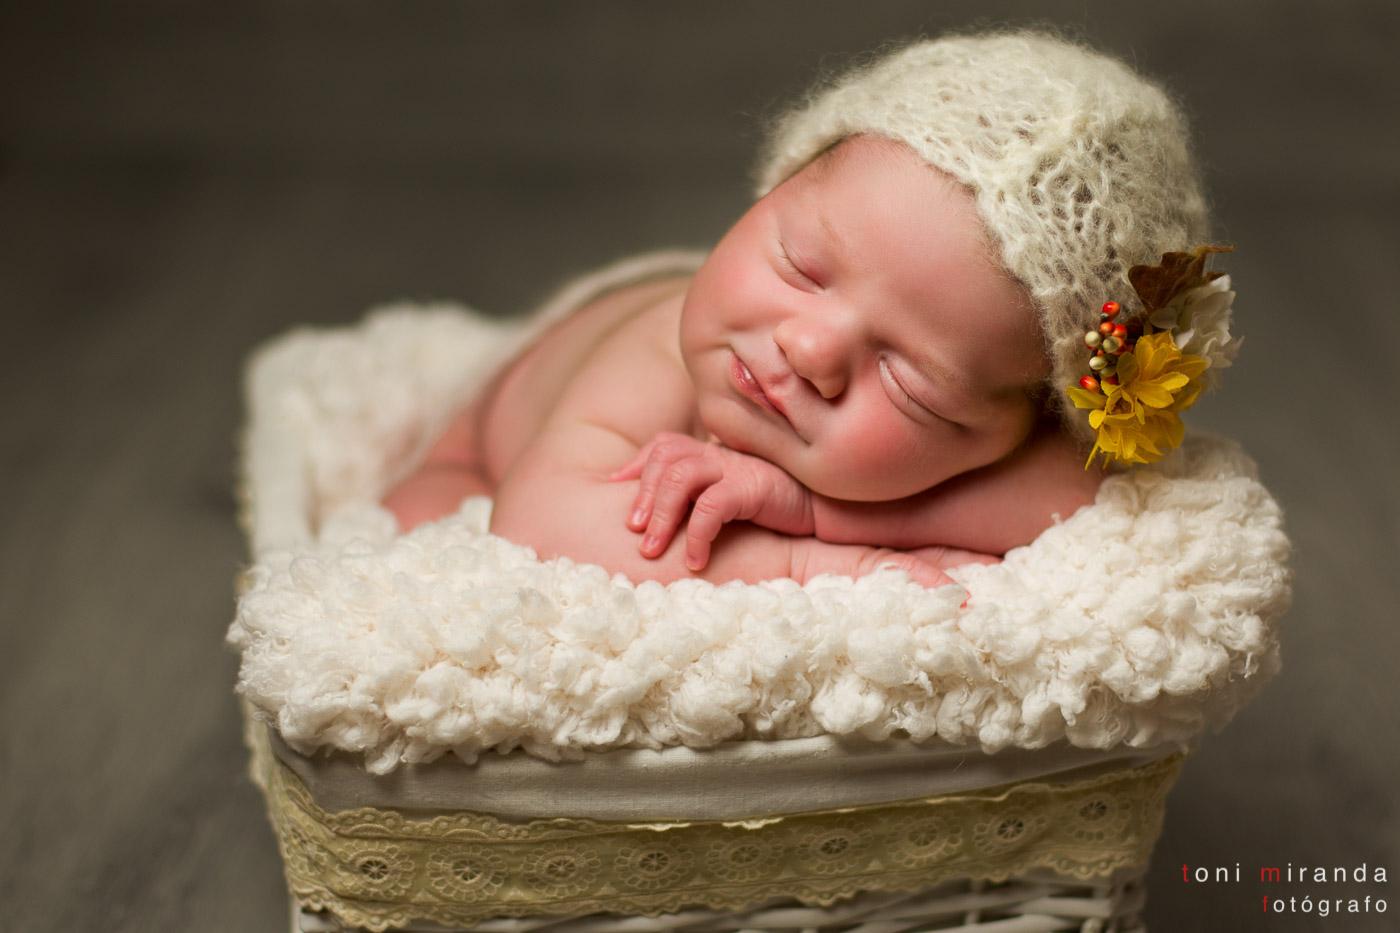 bebe recien nacida en cesta